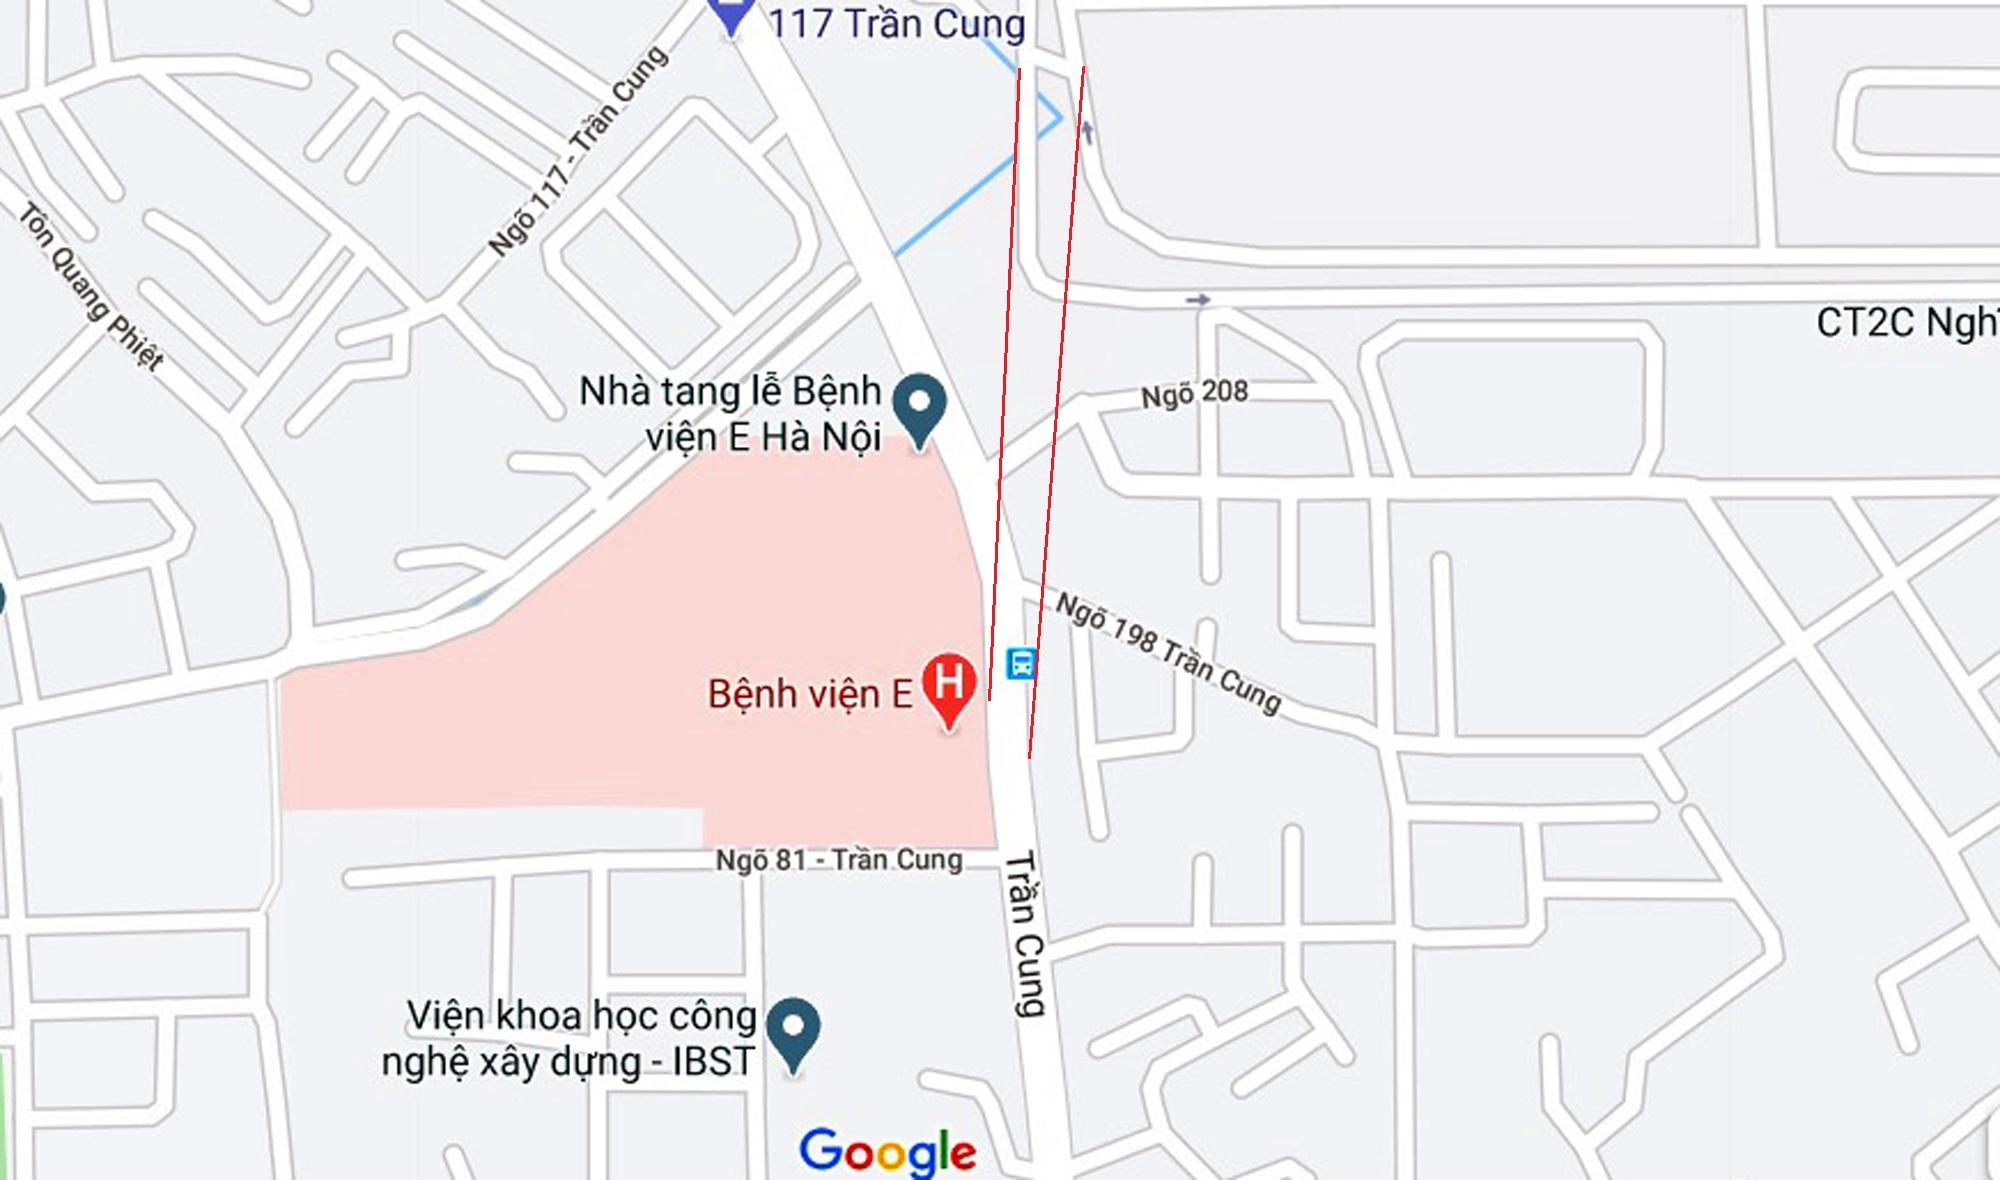 4 đường sẽ mở theo qui hoạch ở phường Cổ Nhuế 1, Bắc Từ Liêm, Hà Nội - Ảnh 6.